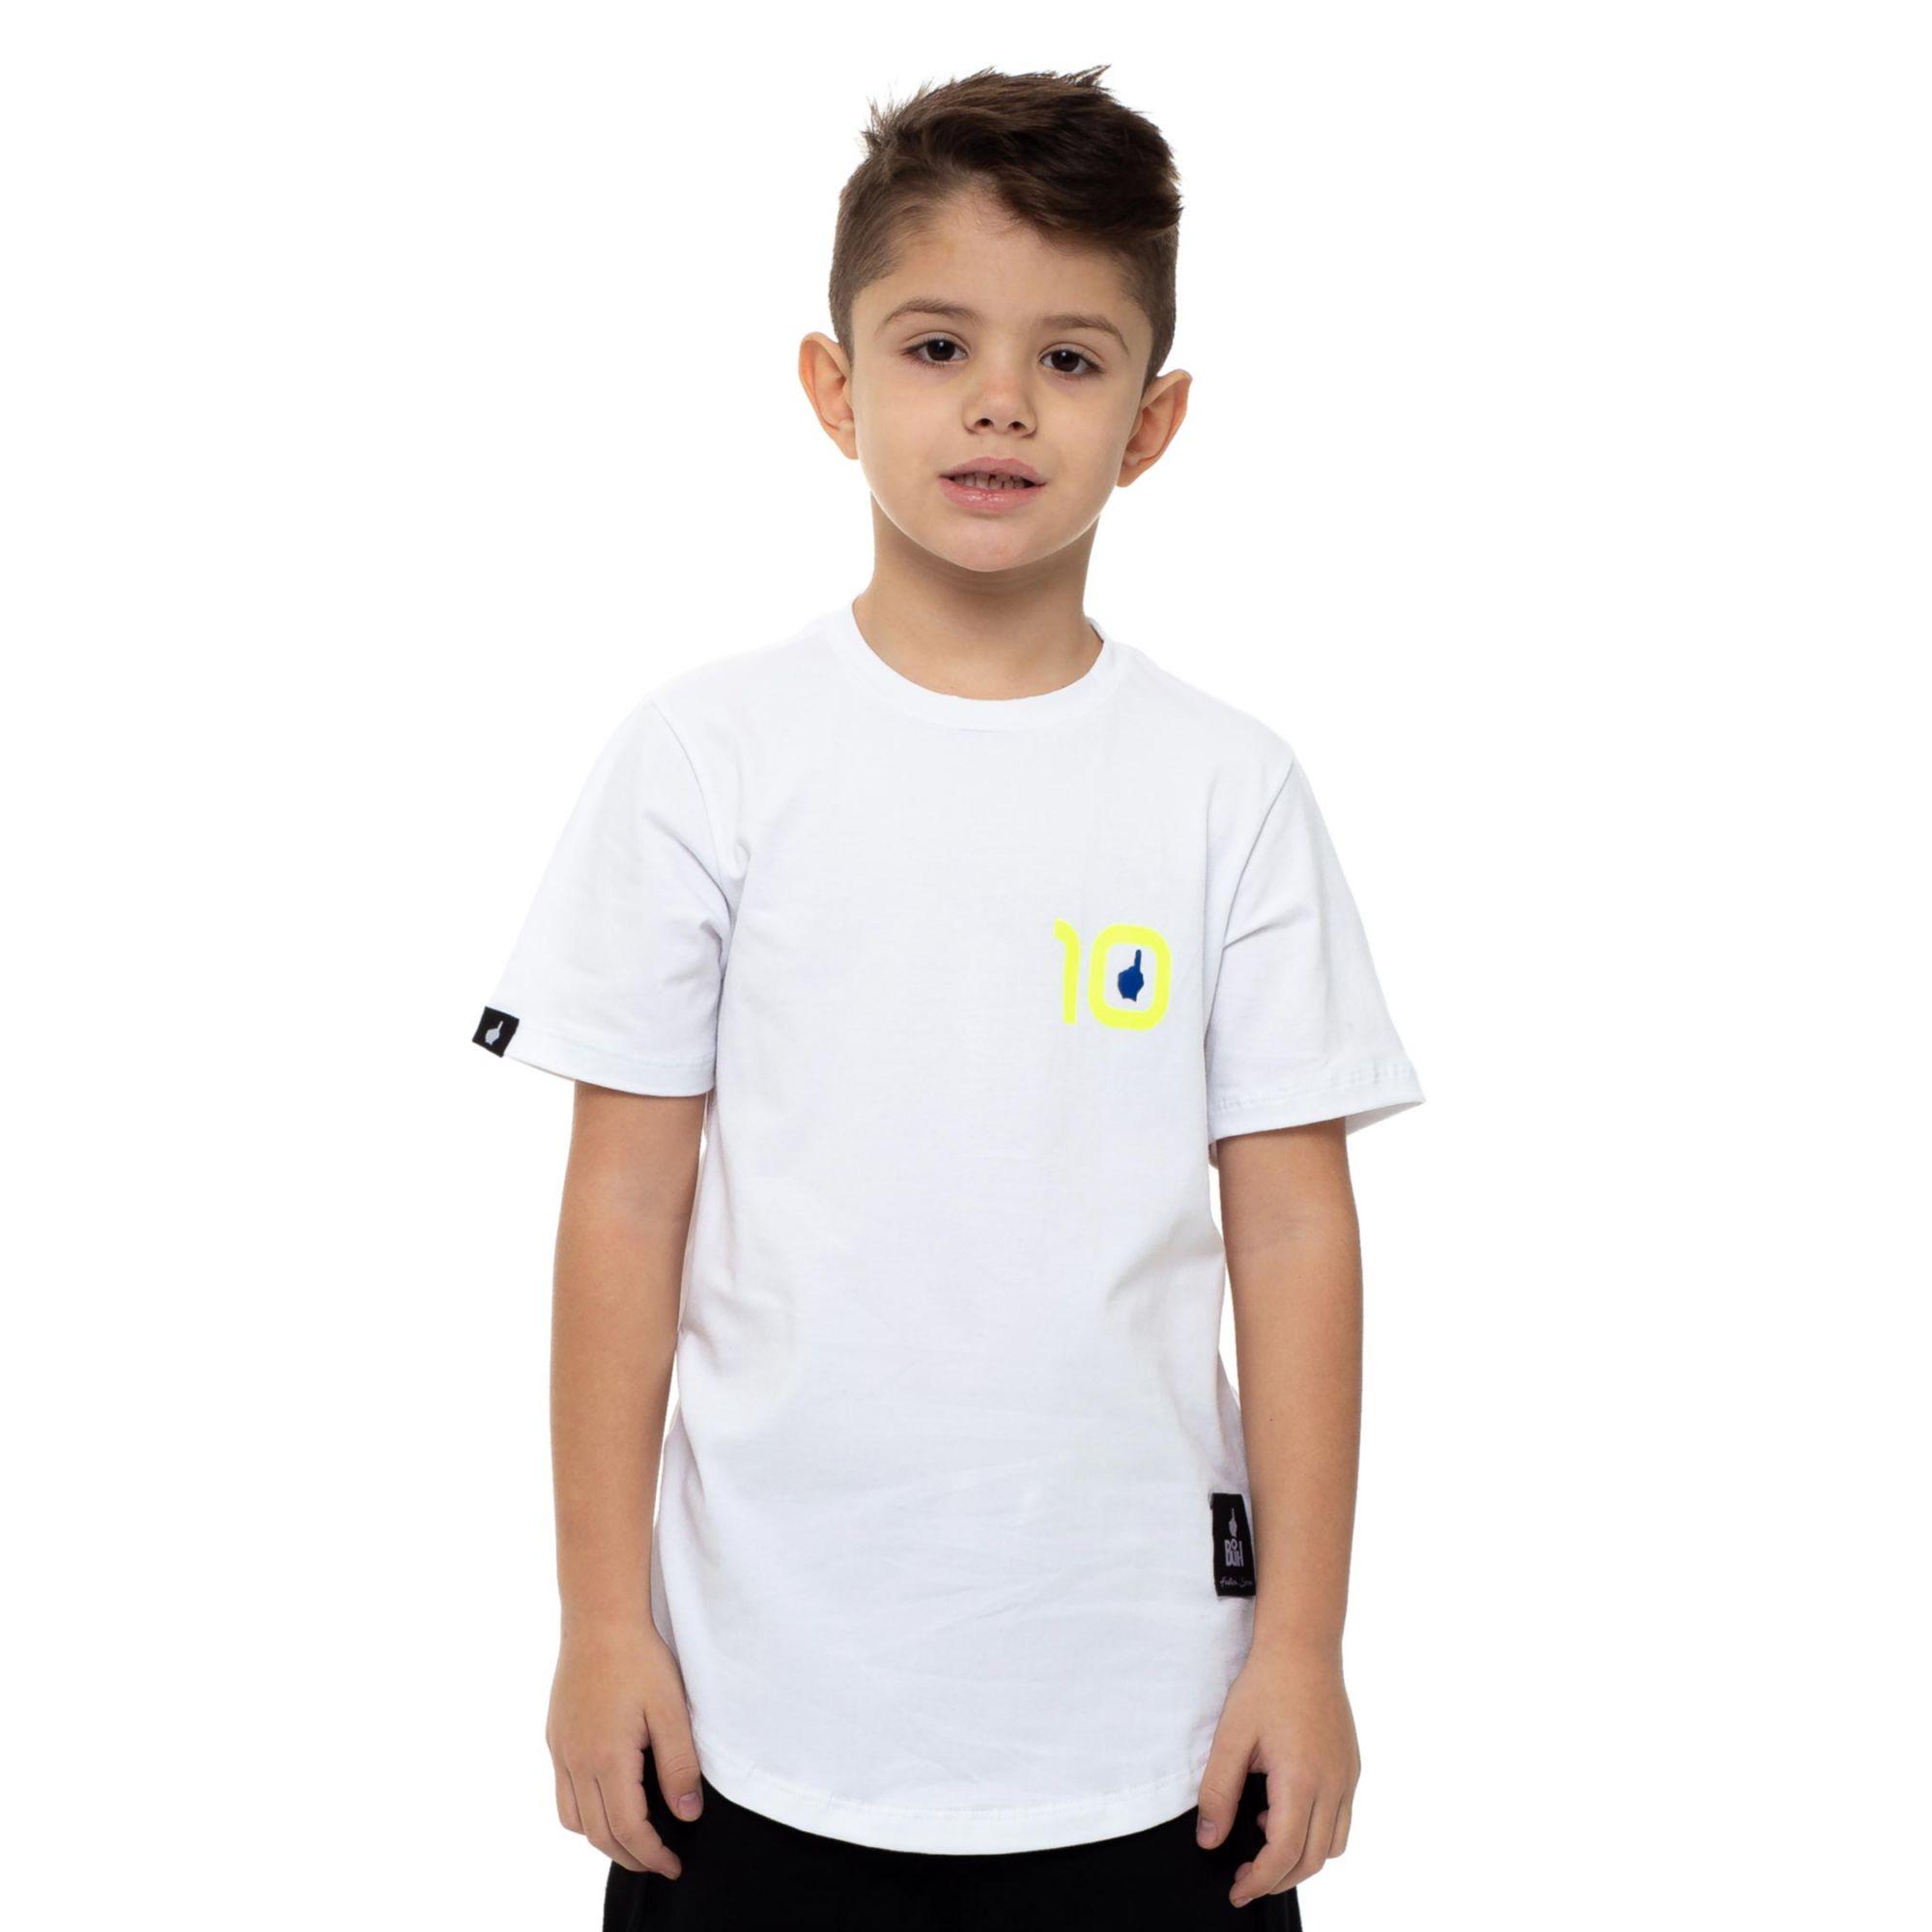 Camiseta Buh Dupla de Ataque White